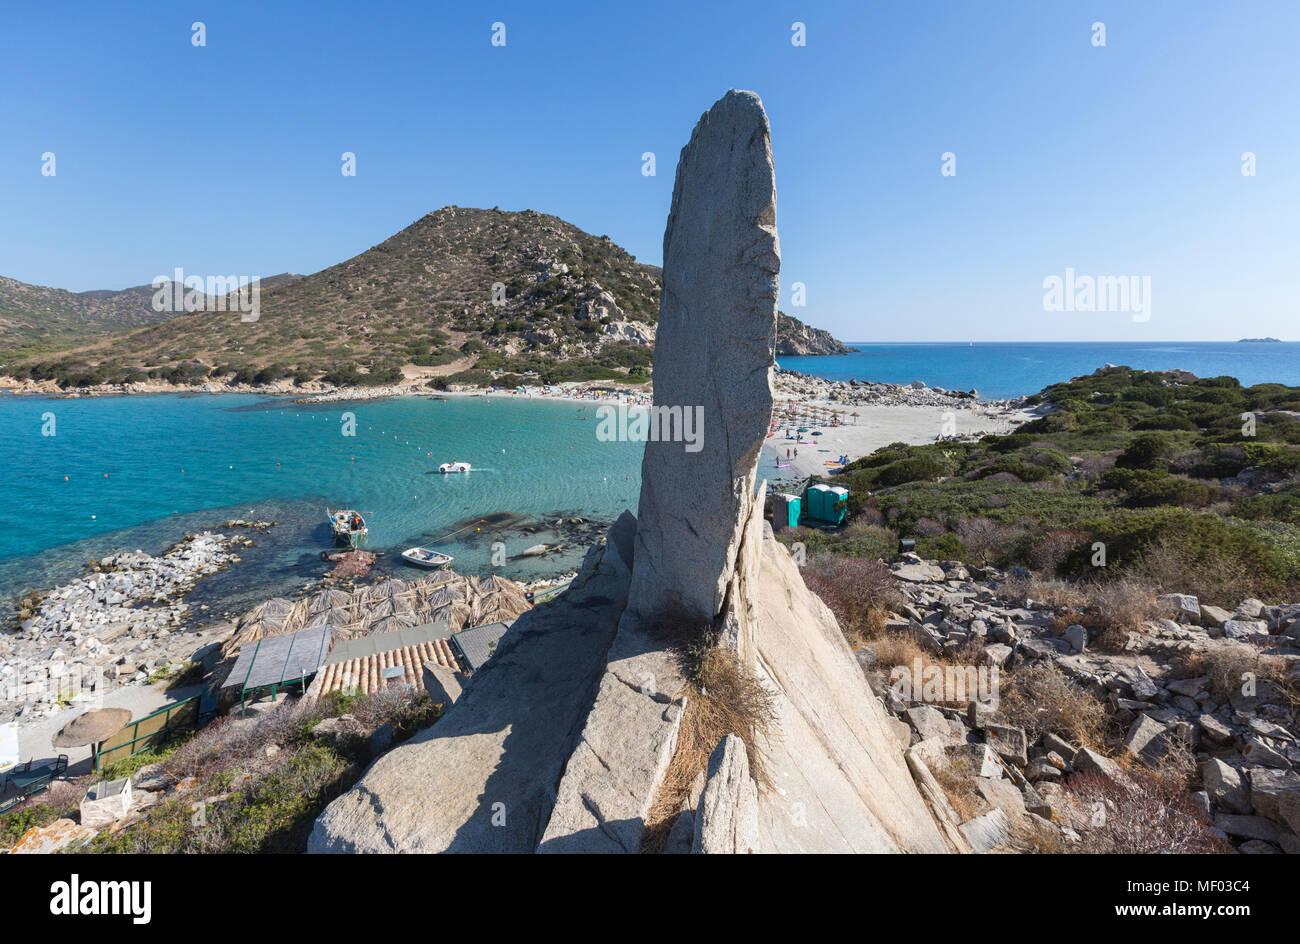 Die weißen Felsen Frame das türkisfarbene Meer und den Sandstrand Punta Molentis Villasimius Cagliari Sardinien Italien Europa Stockbild